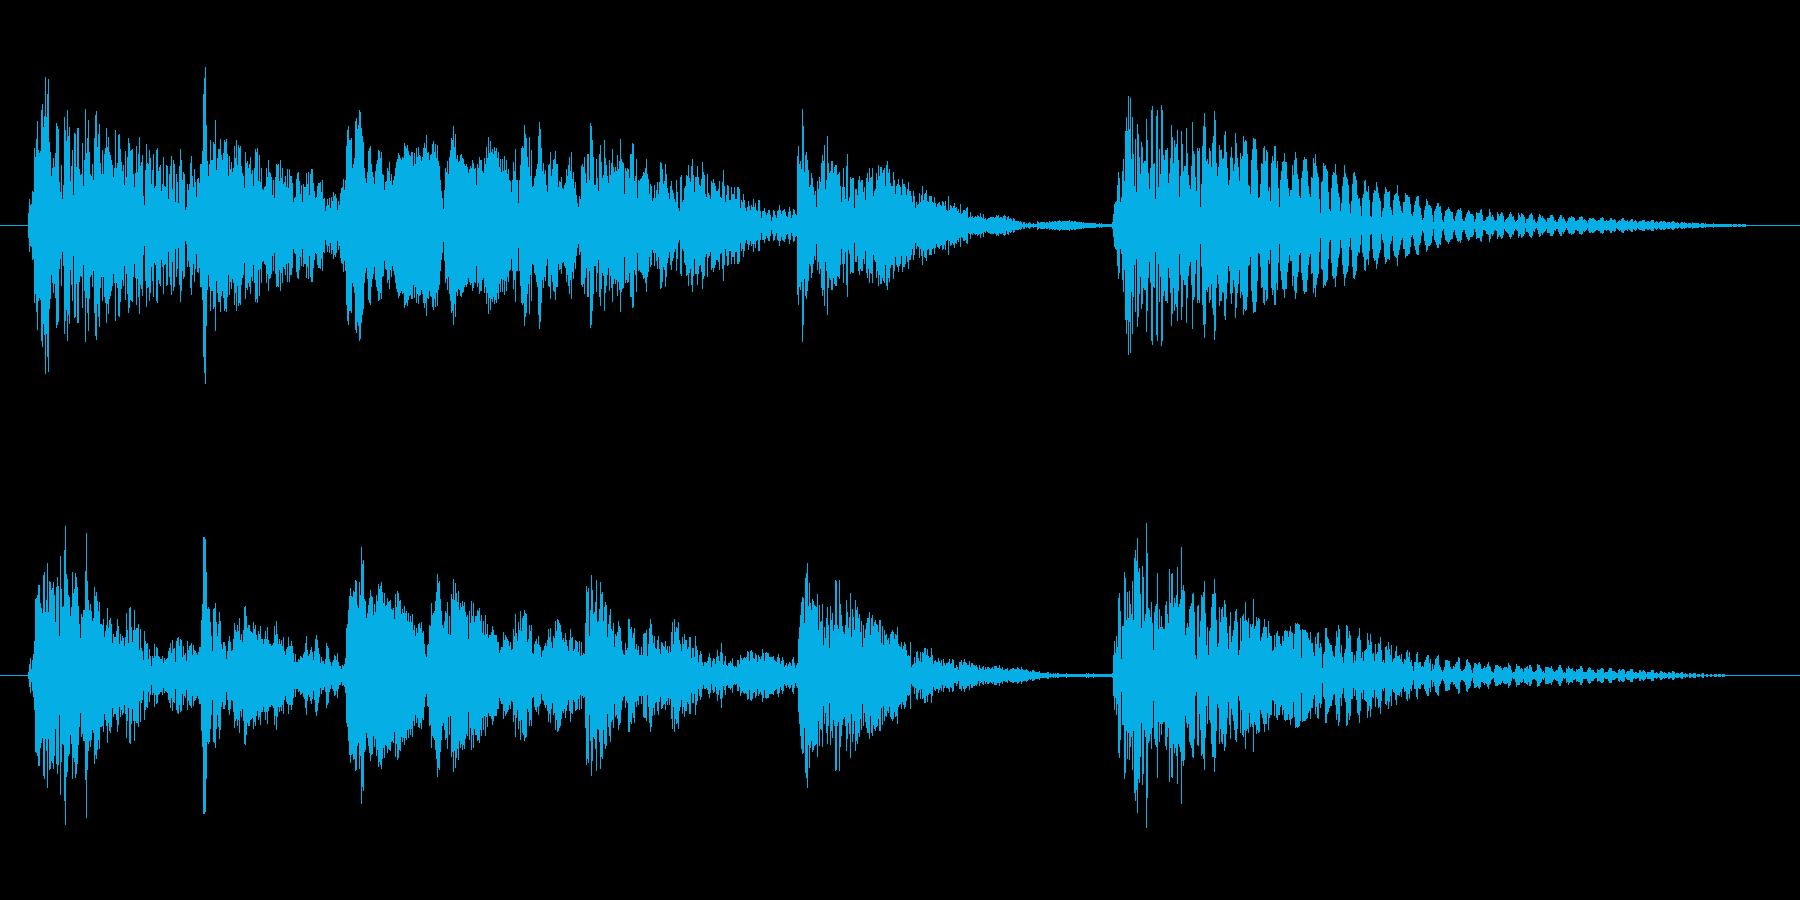 軽快 跳ねる 楽しい(ジングル、転換音)の再生済みの波形